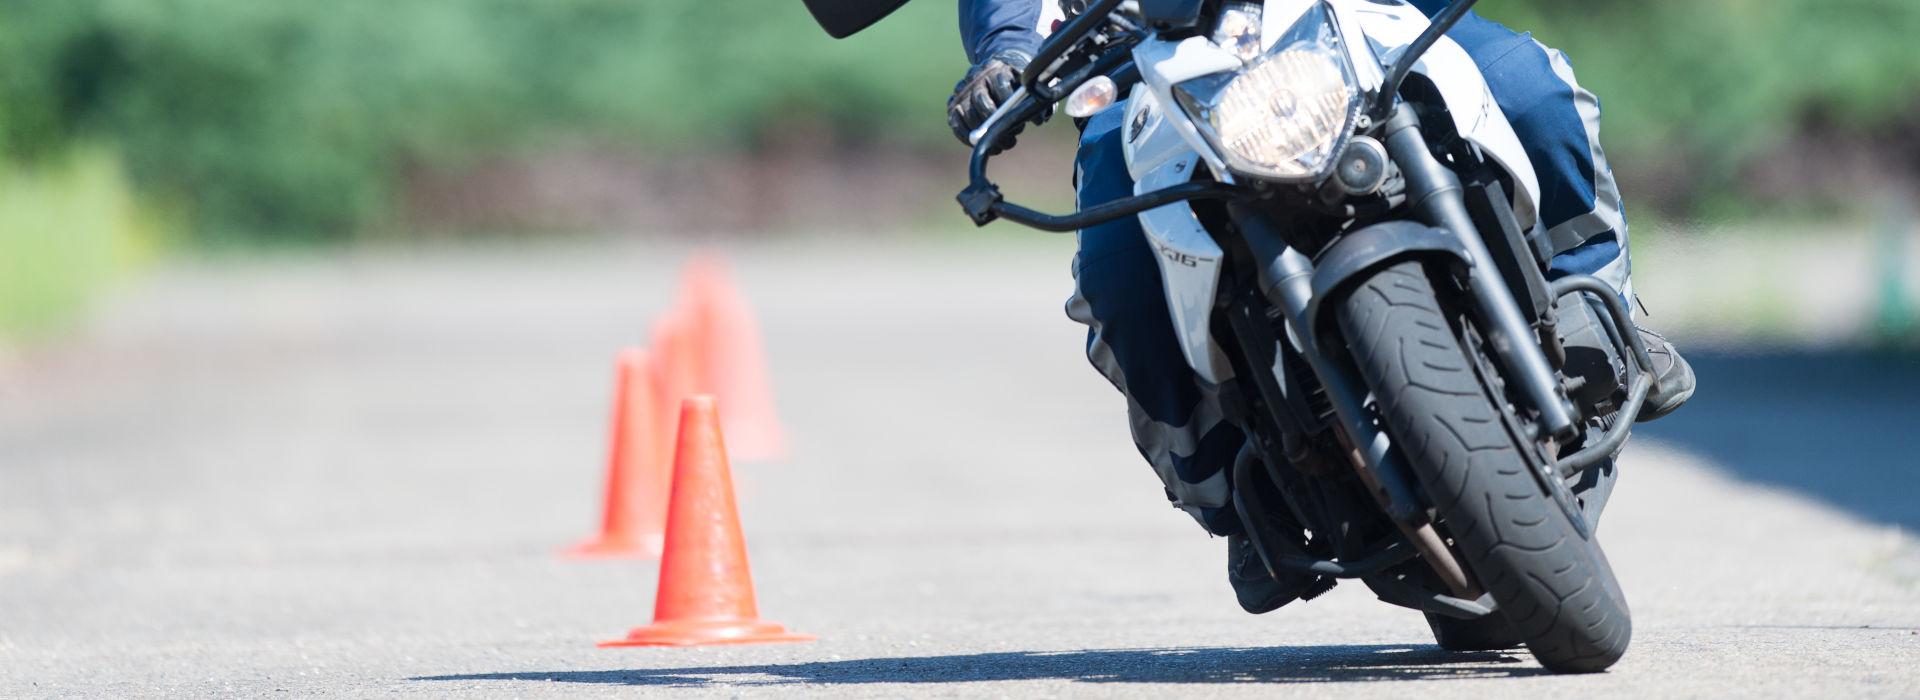 Motorrijbewijspoint Gelderland motor rijvaardigheid